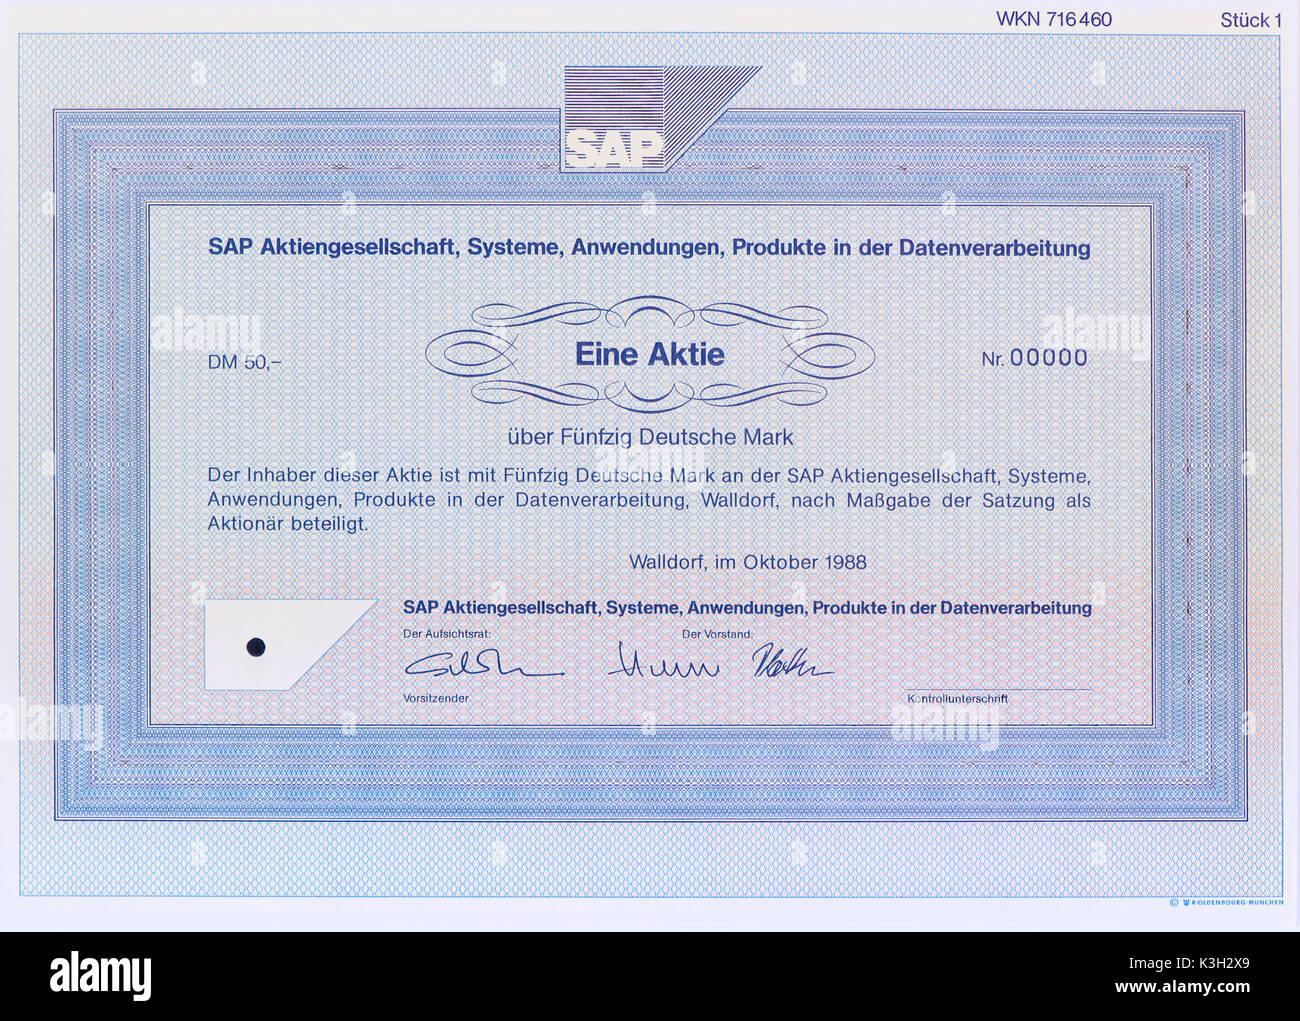 El balance de la empresa SAP, sistemas, aplicaciones y productos, procesamiento de datos Imagen De Stock